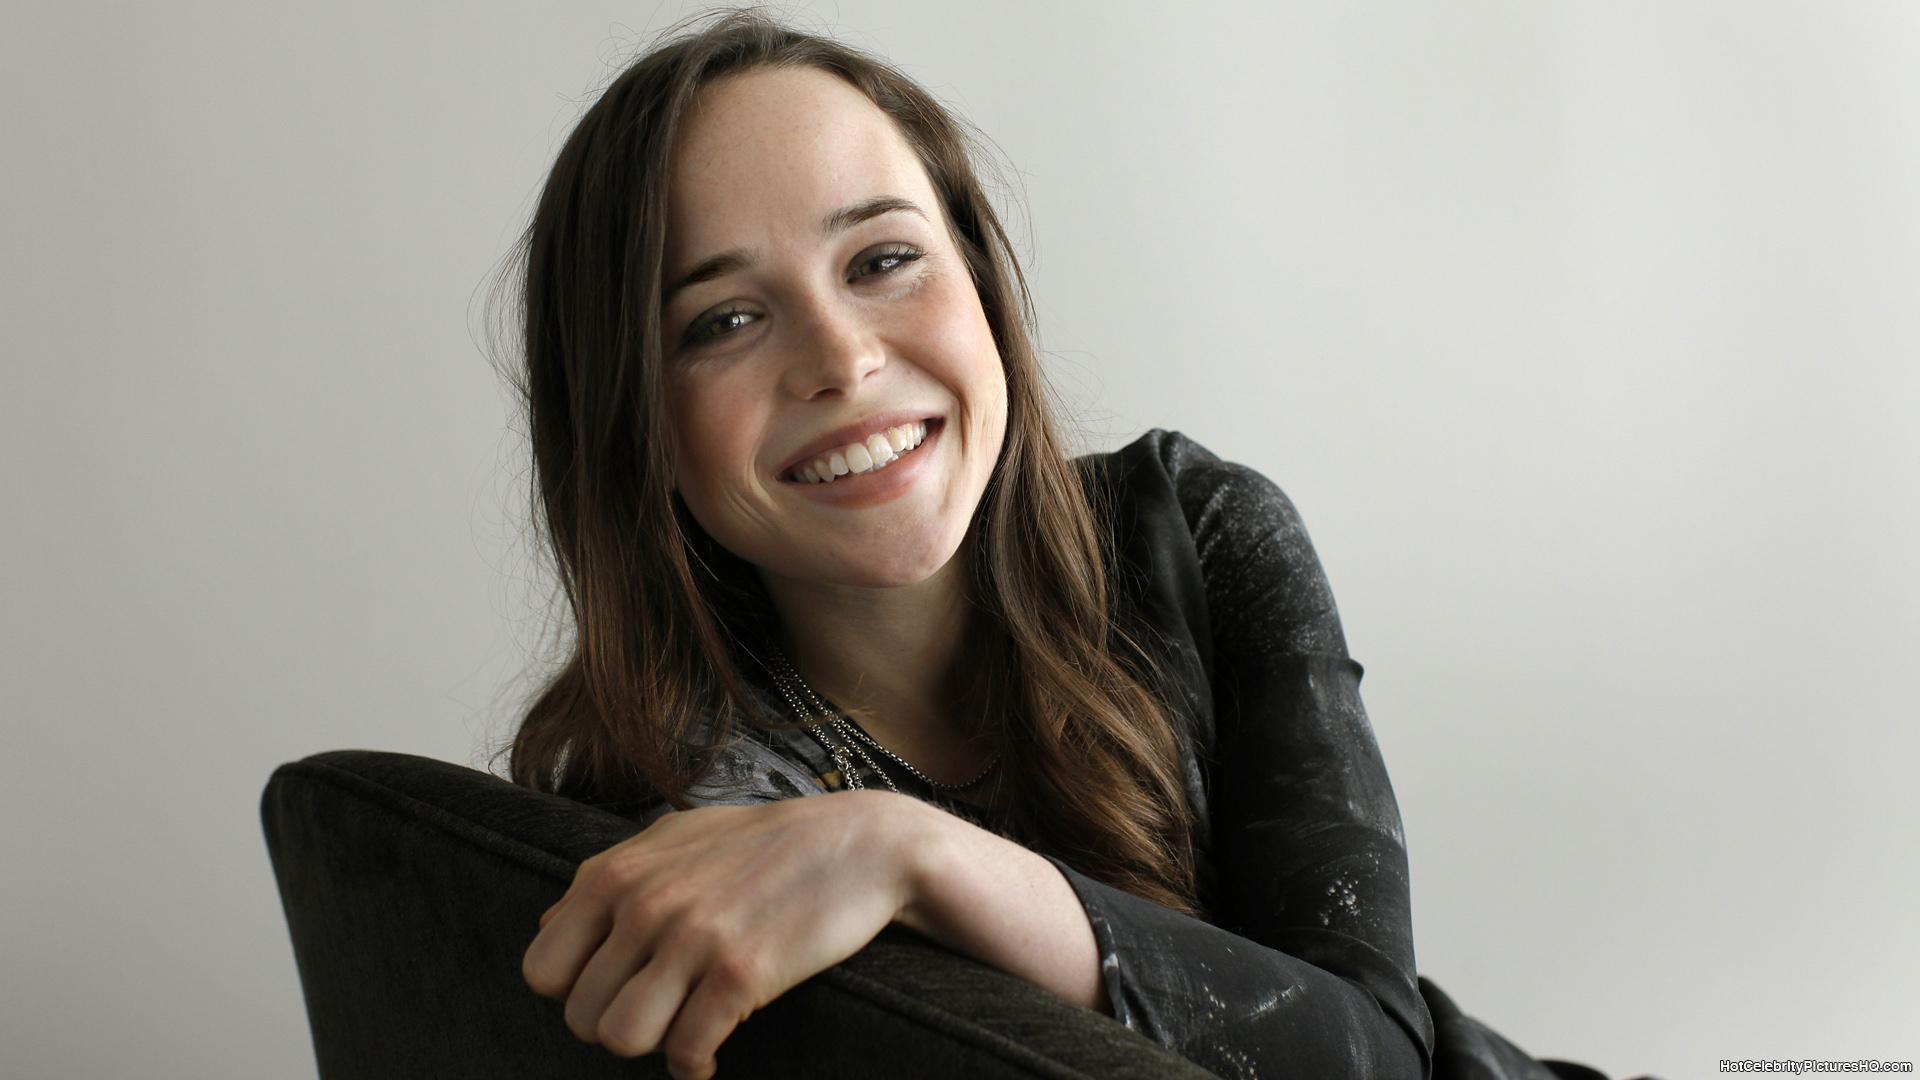 Ellen-Page-HD-Wallpaper